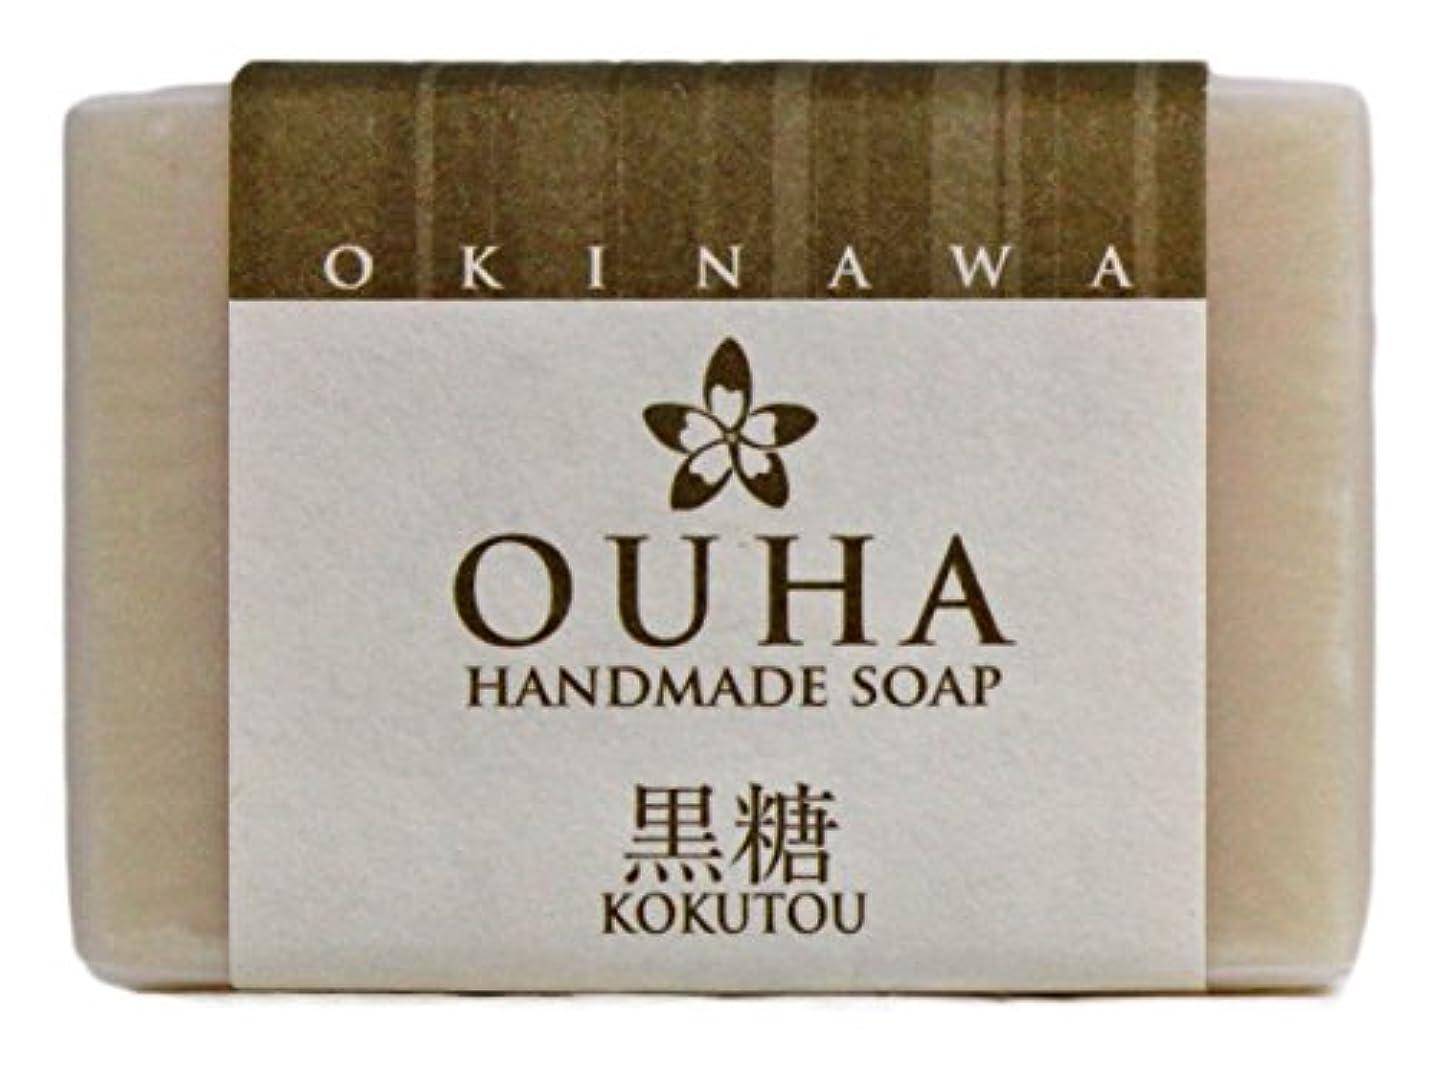 発明する溶融カートン沖縄手作り洗顔せっけん OUHAソープ 黒糖 47g